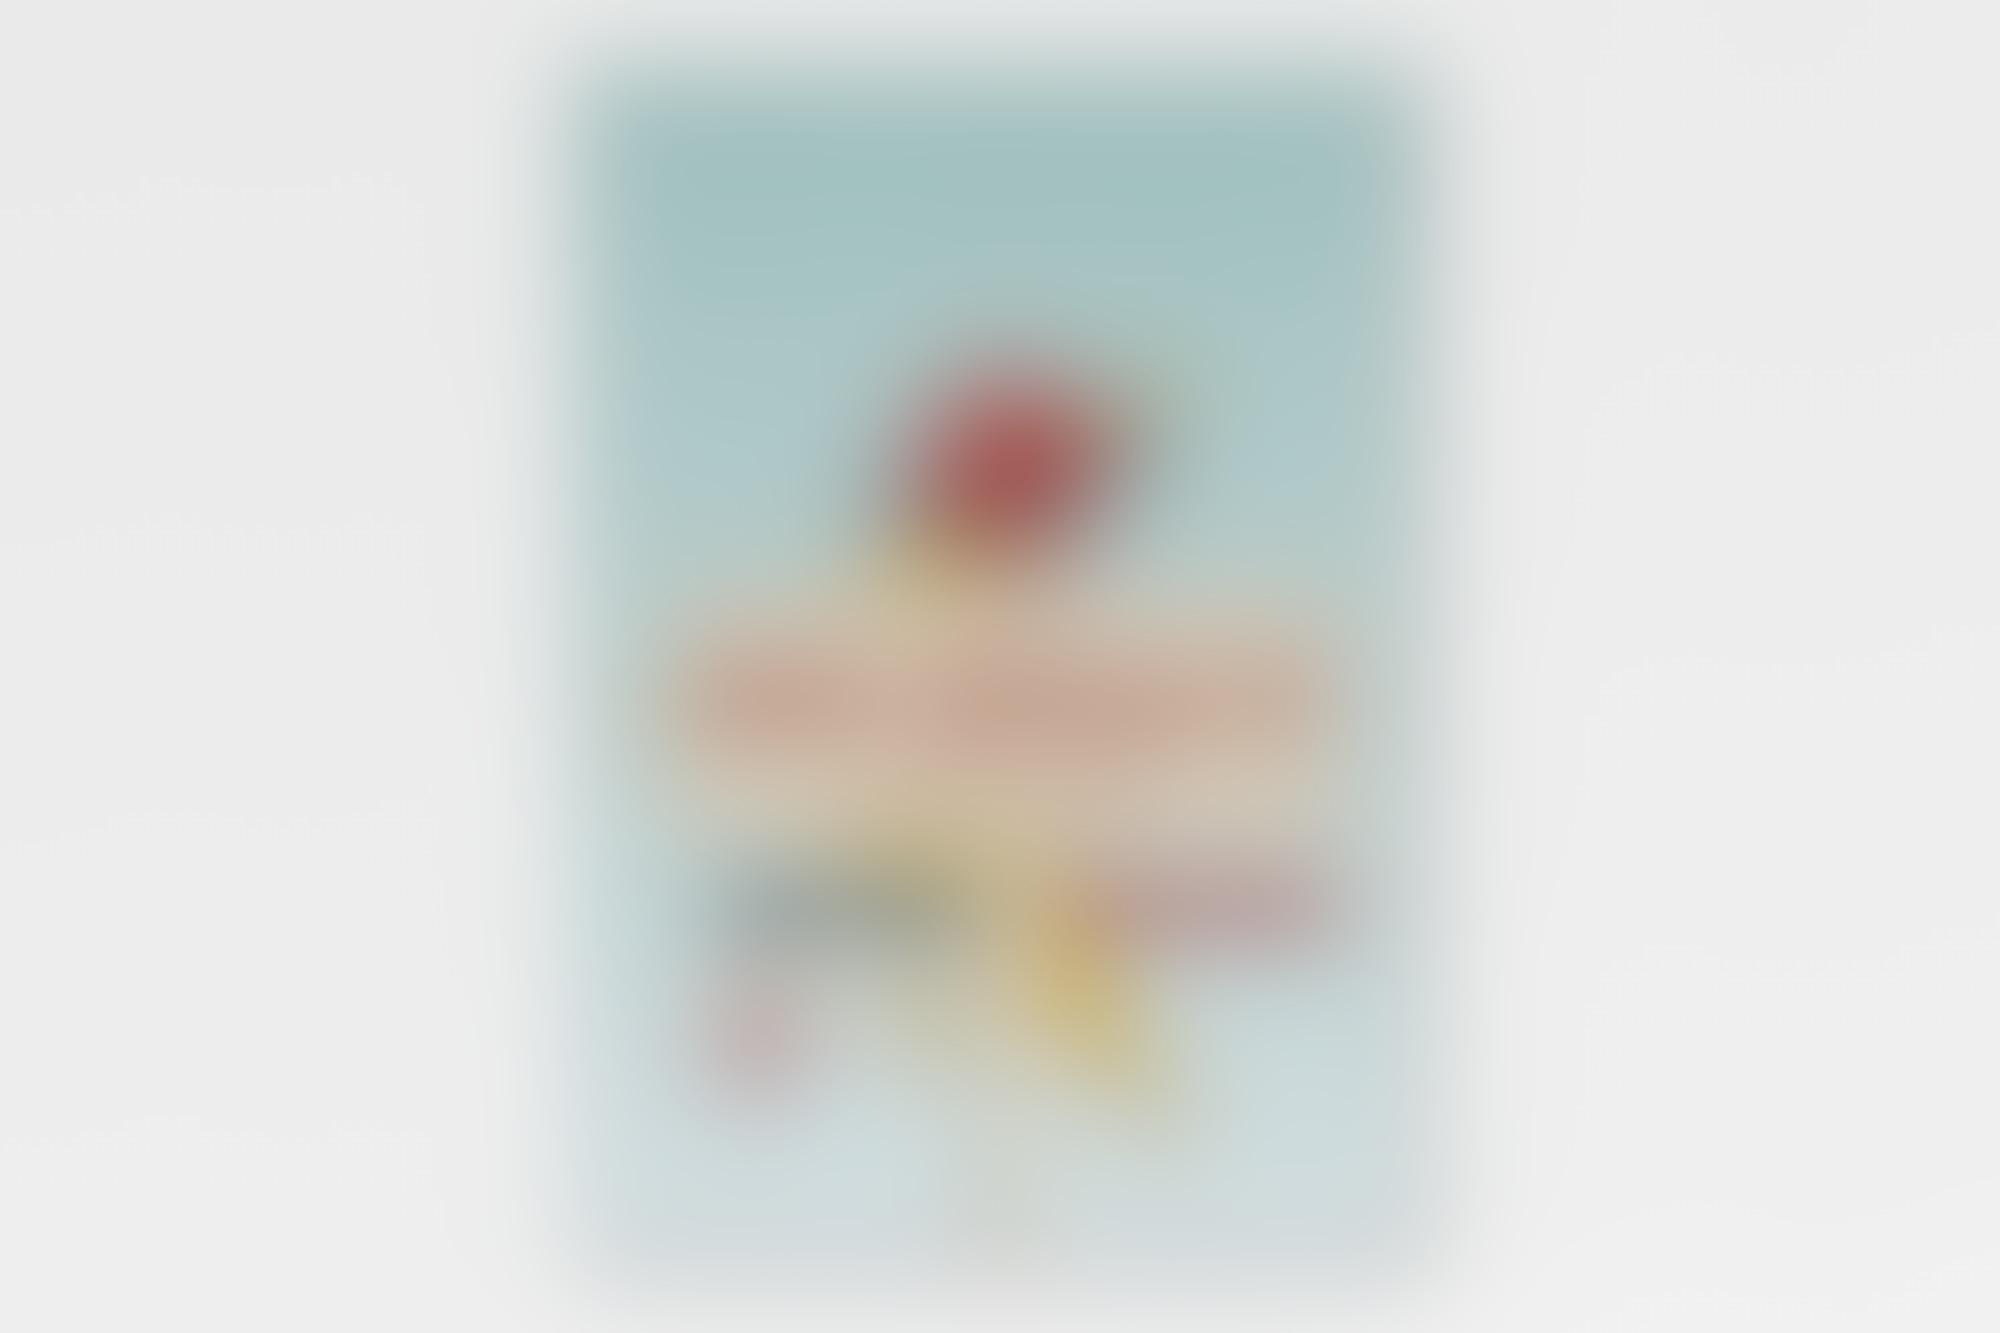 Paul Mann YCC Big Bowls Event Poster autocompressfitresizeixlibphp 1 1 0max h2000max w3 D2000q80s386964e2f2c908dcfca823d142af4469